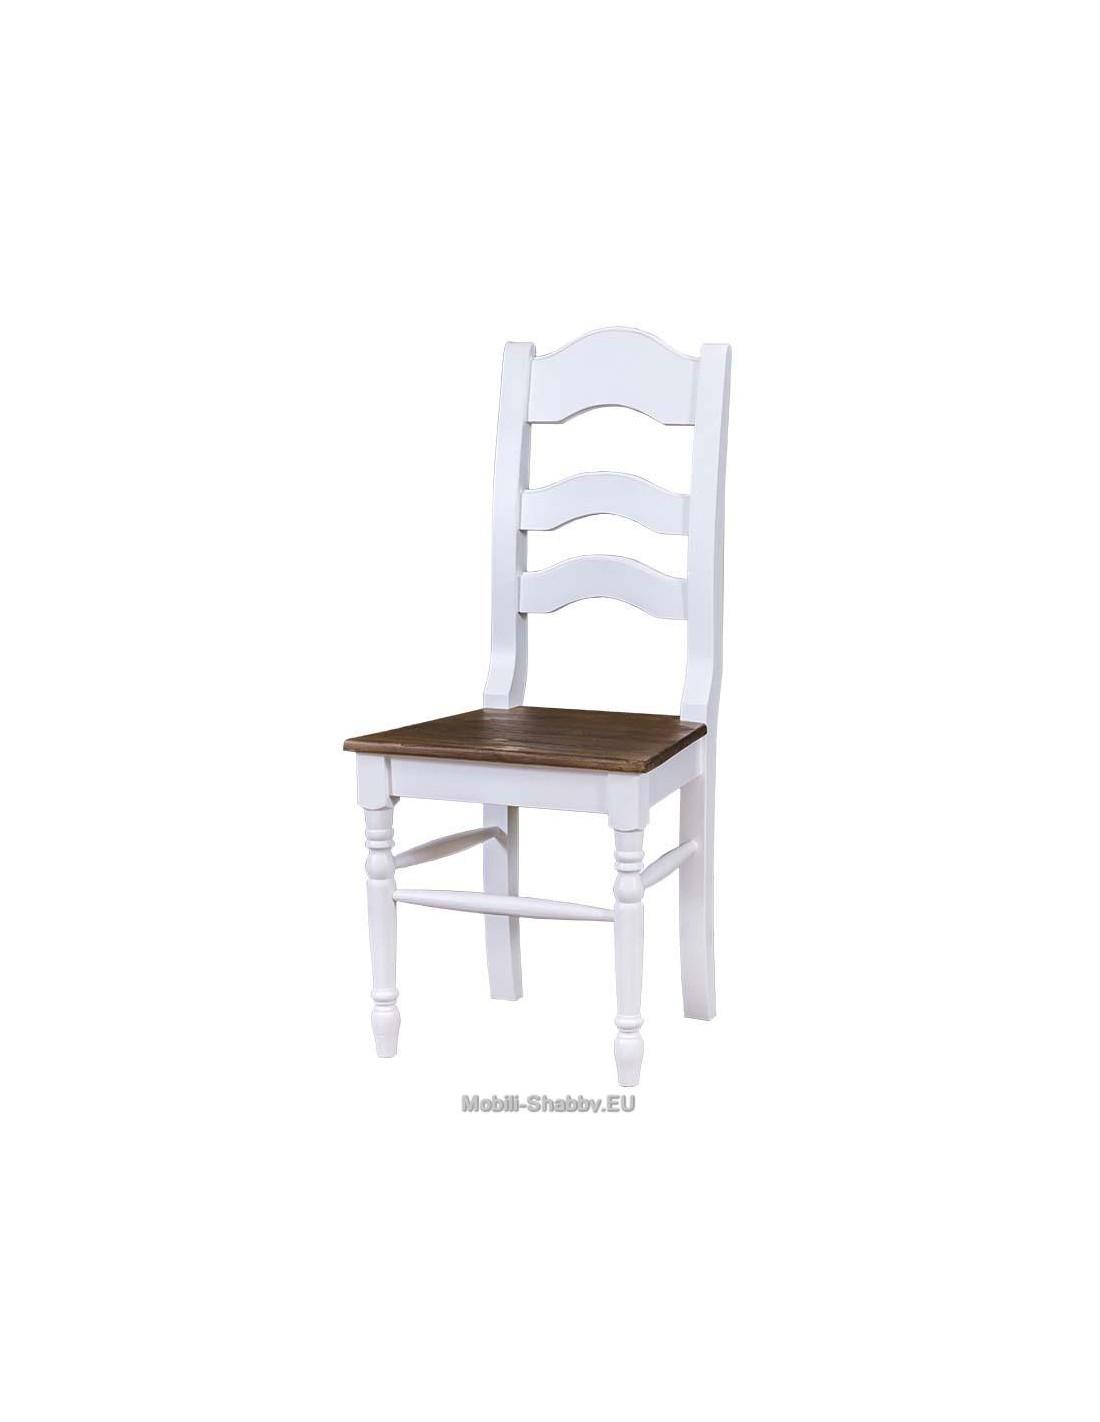 sedia in legno massello shabby chic MS203 - Orissa Milano